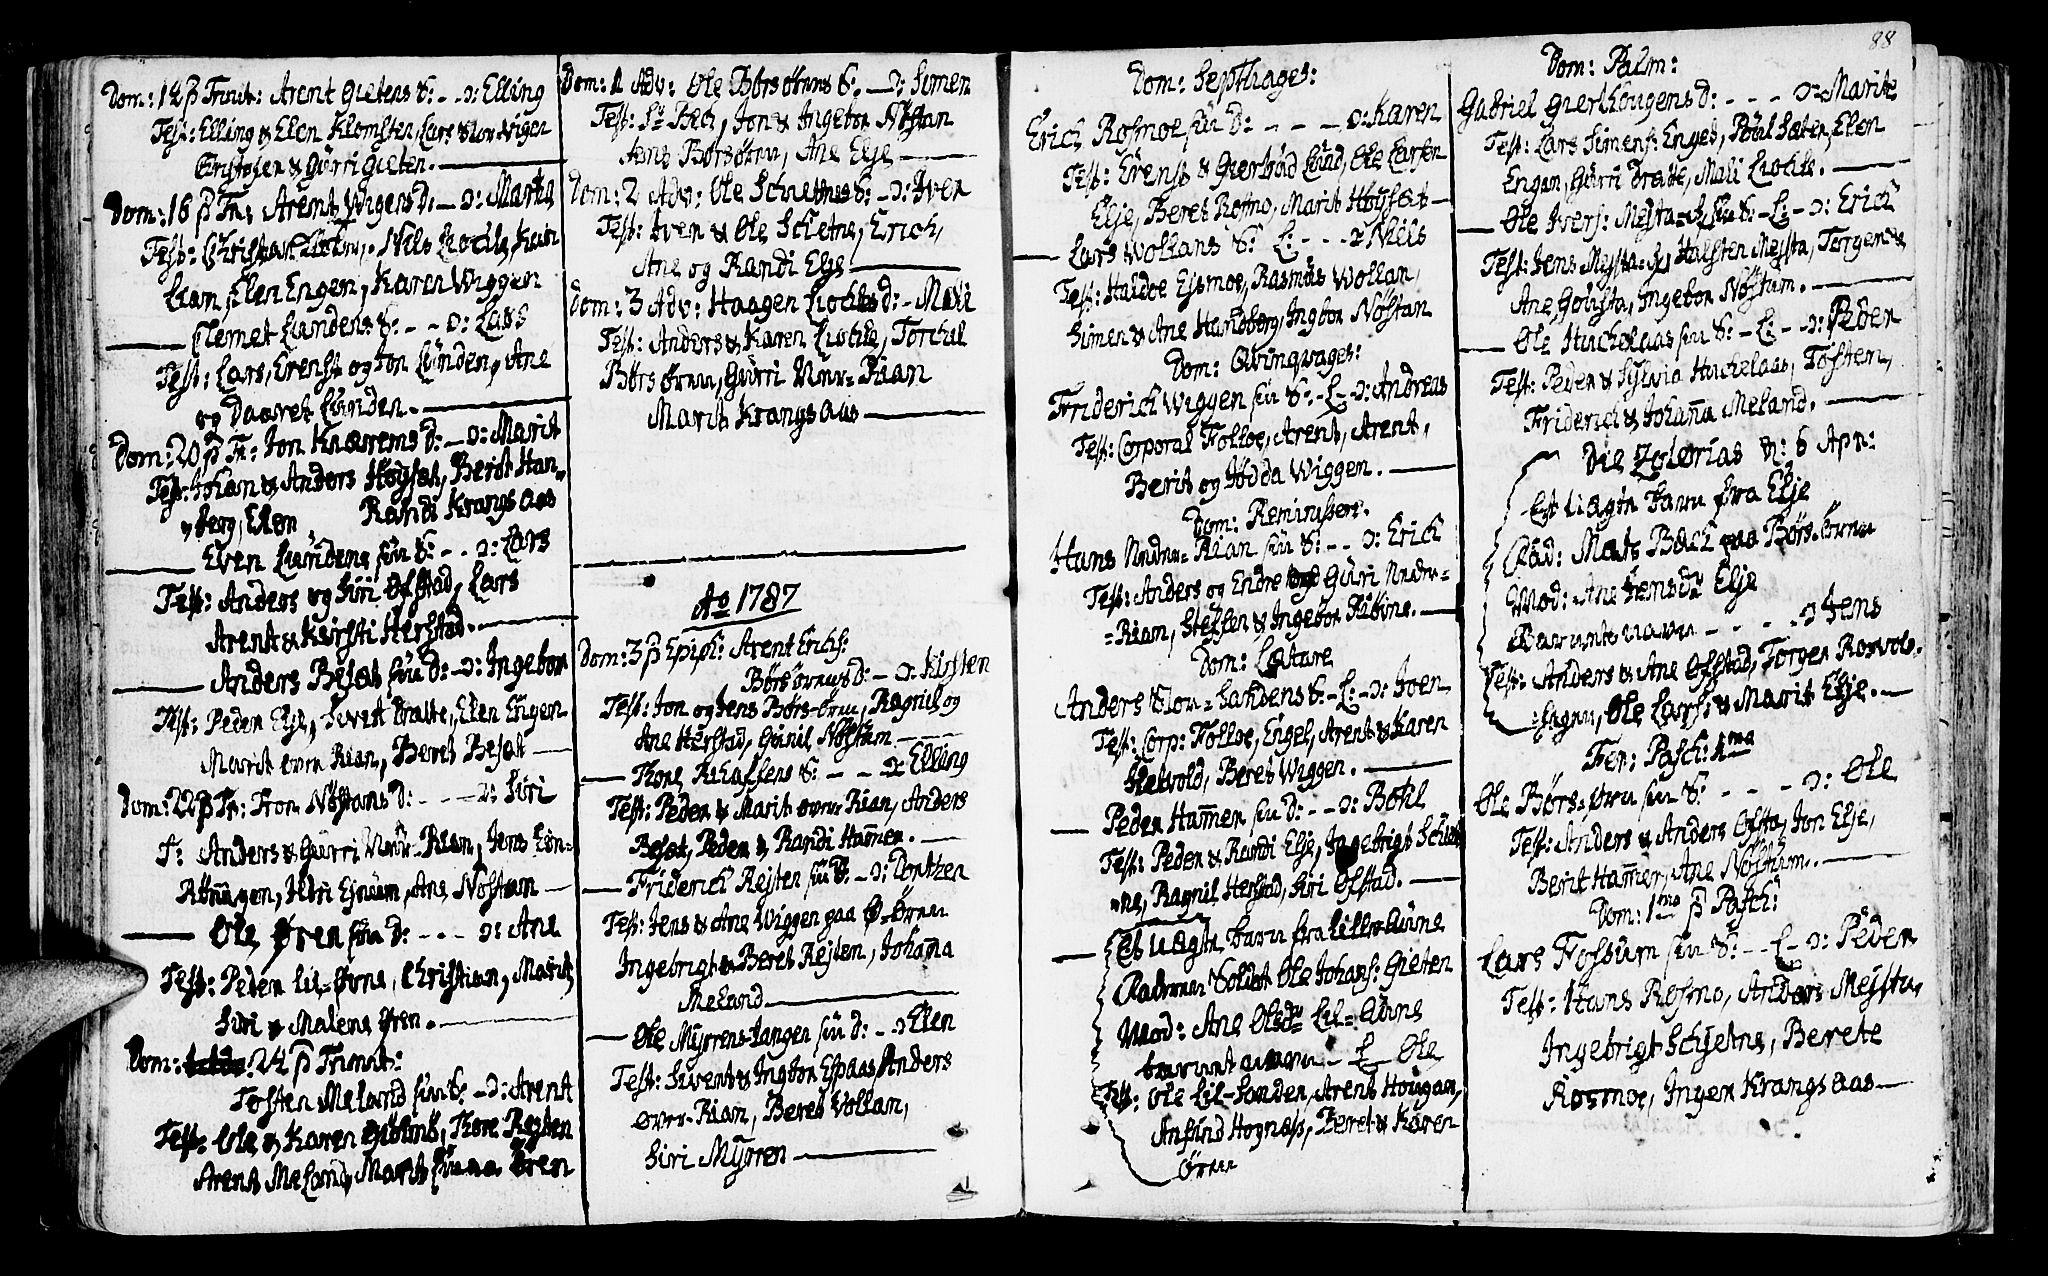 SAT, Ministerialprotokoller, klokkerbøker og fødselsregistre - Sør-Trøndelag, 665/L0768: Ministerialbok nr. 665A03, 1754-1803, s. 88